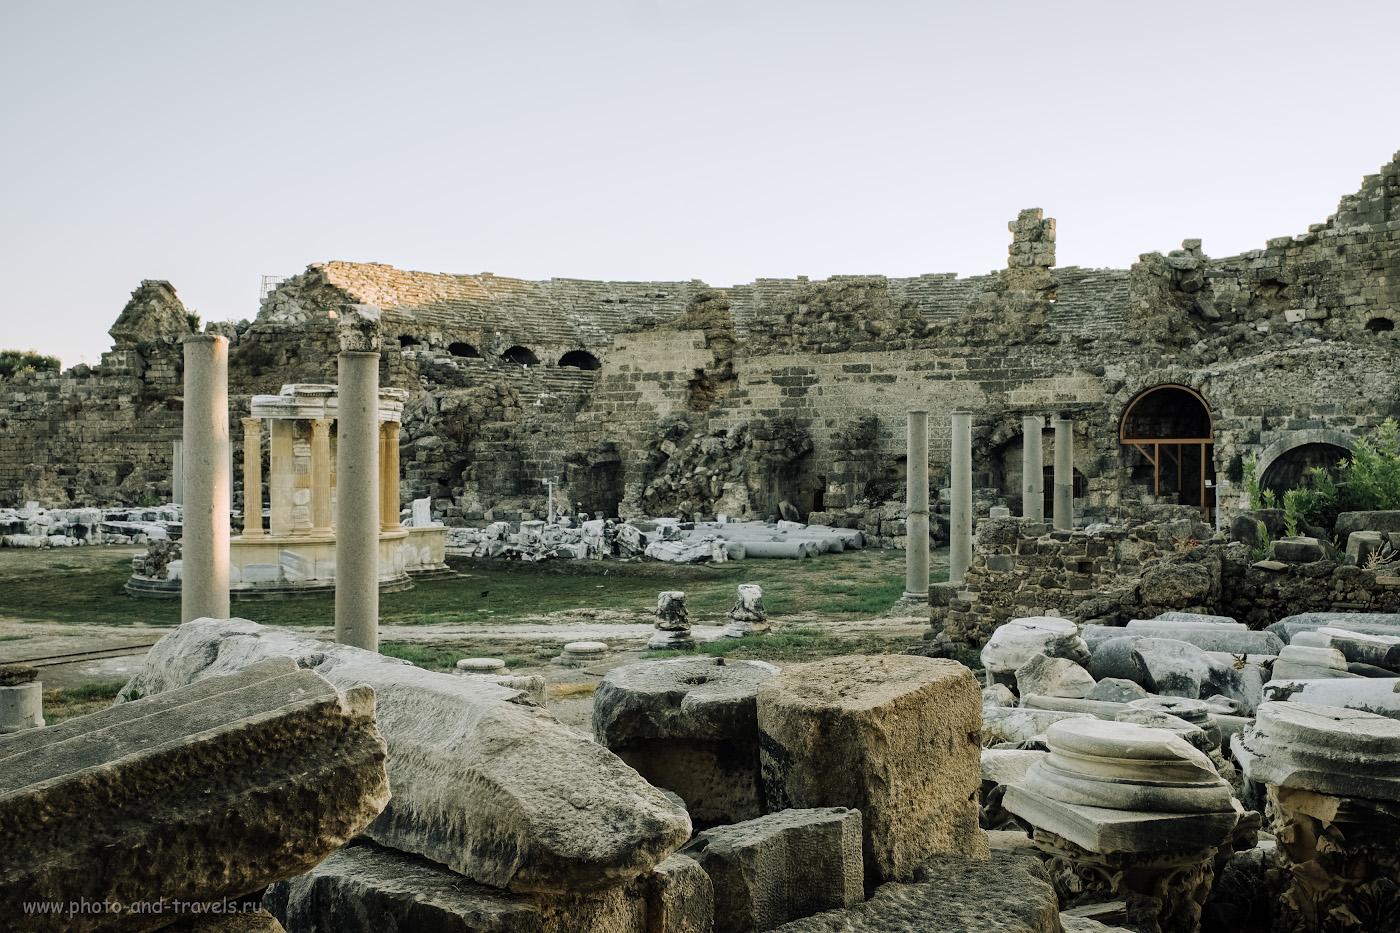 Фотография 10. Так выглядит старинный театр в Сиде. Какие интересные места посмотреть в Старом городе? 1/80, 8.0, 200, +0.33, 25.